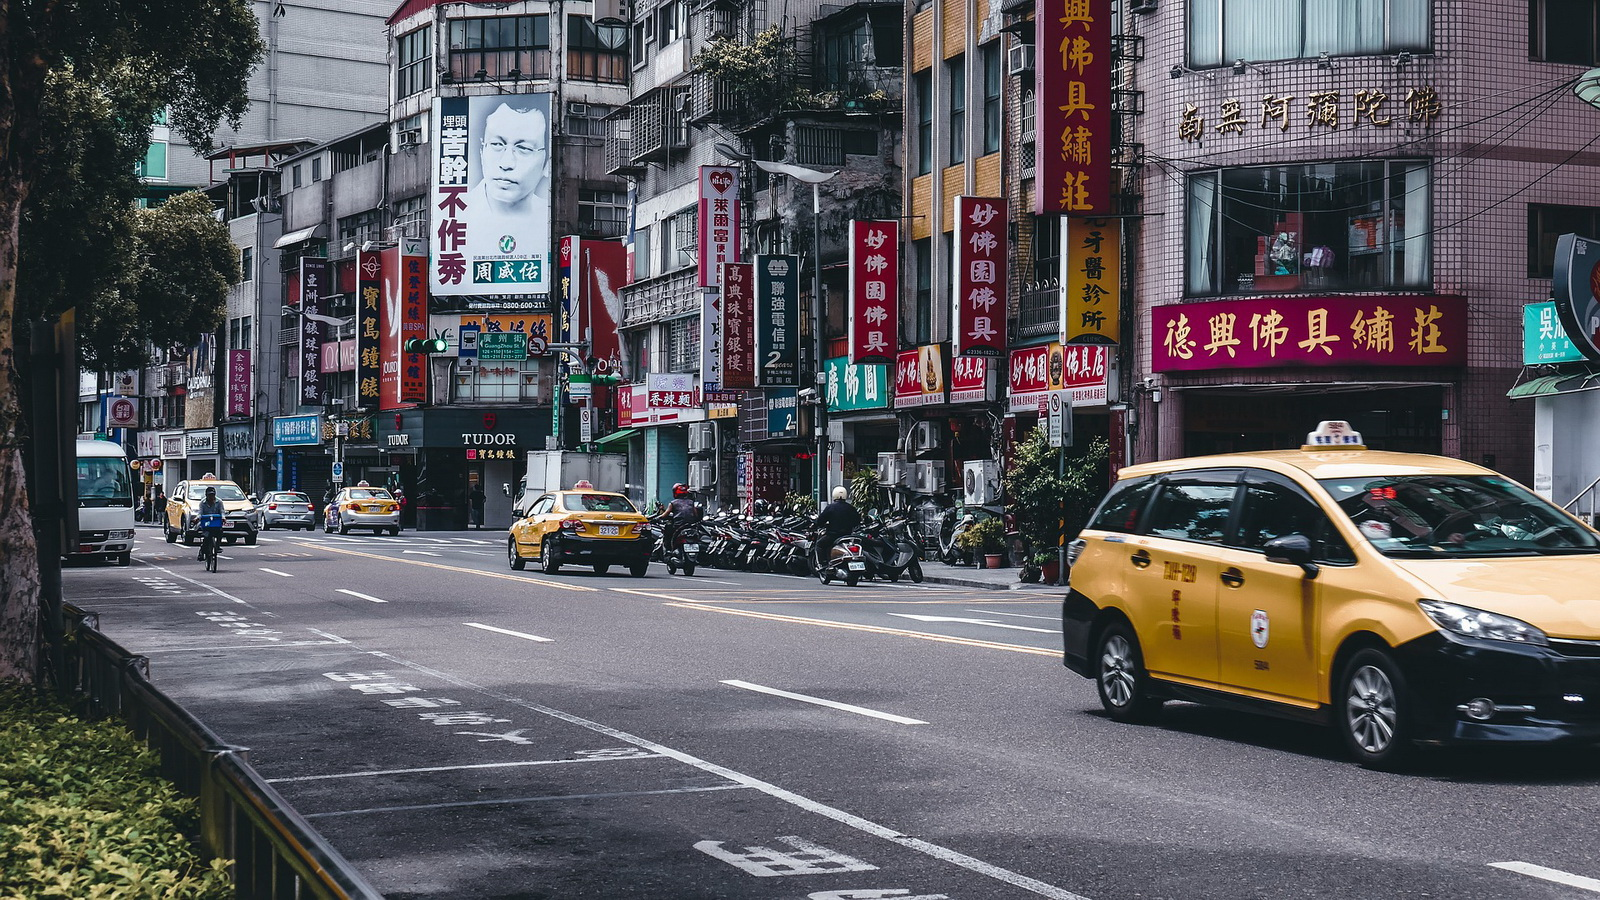 圖/汽車牌照分成R牌、T牌與白牌三種,R牌指租賃牌營業使用車,T牌則指白底紅字、英文字母T開頭的車牌,也就是街上隨處可見的黃色計程車。圖片來源:Punnatorn Thepsuwanworn from Pixabay